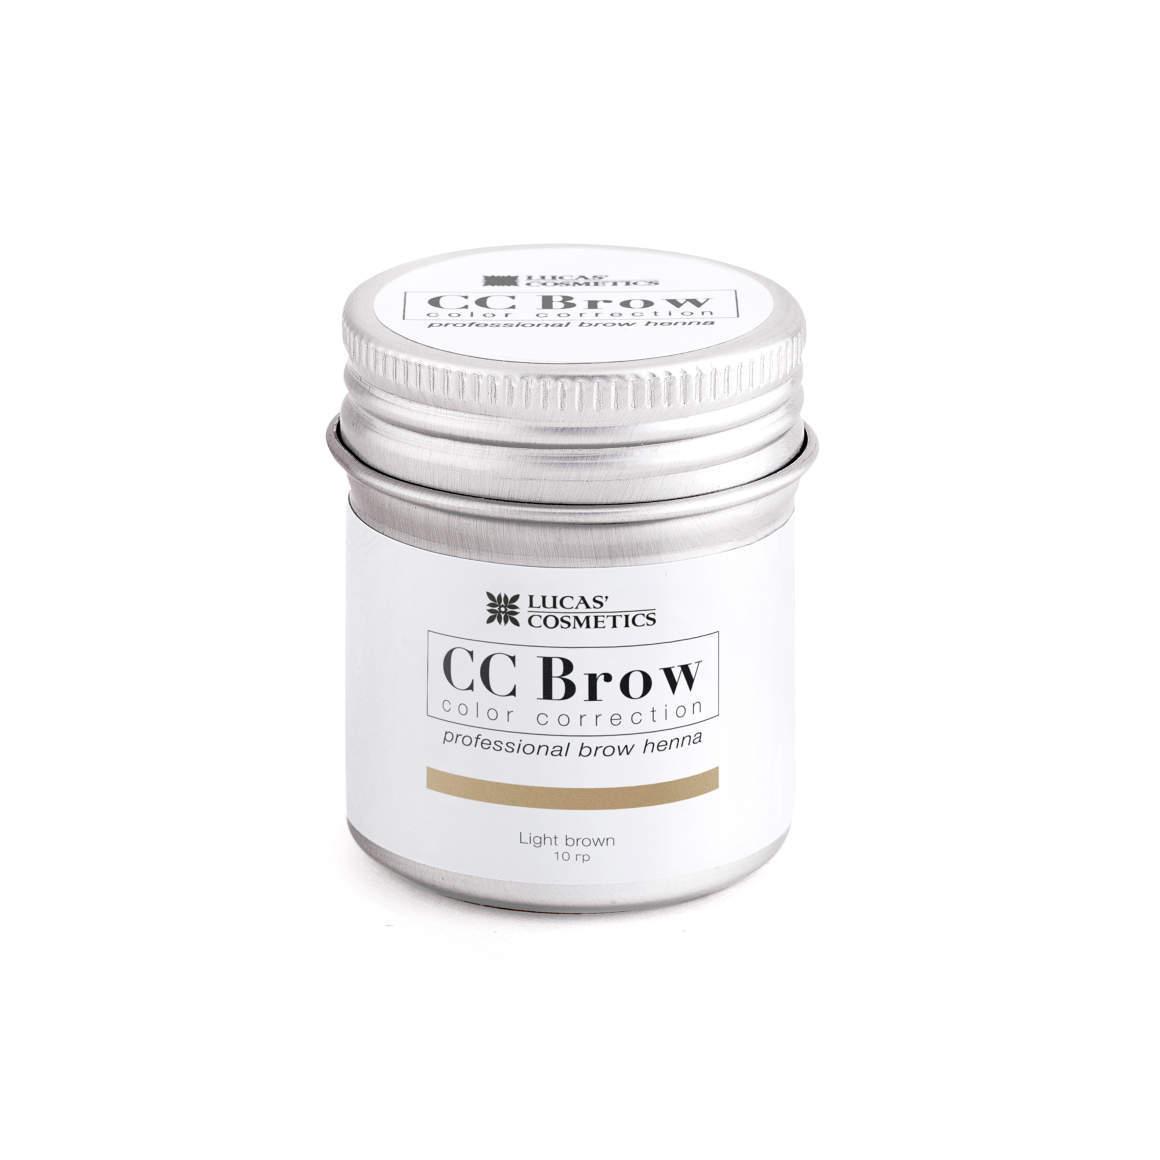 Хна для бровей CC Brow 5гр в баночке Light Brown Светло-коричневый